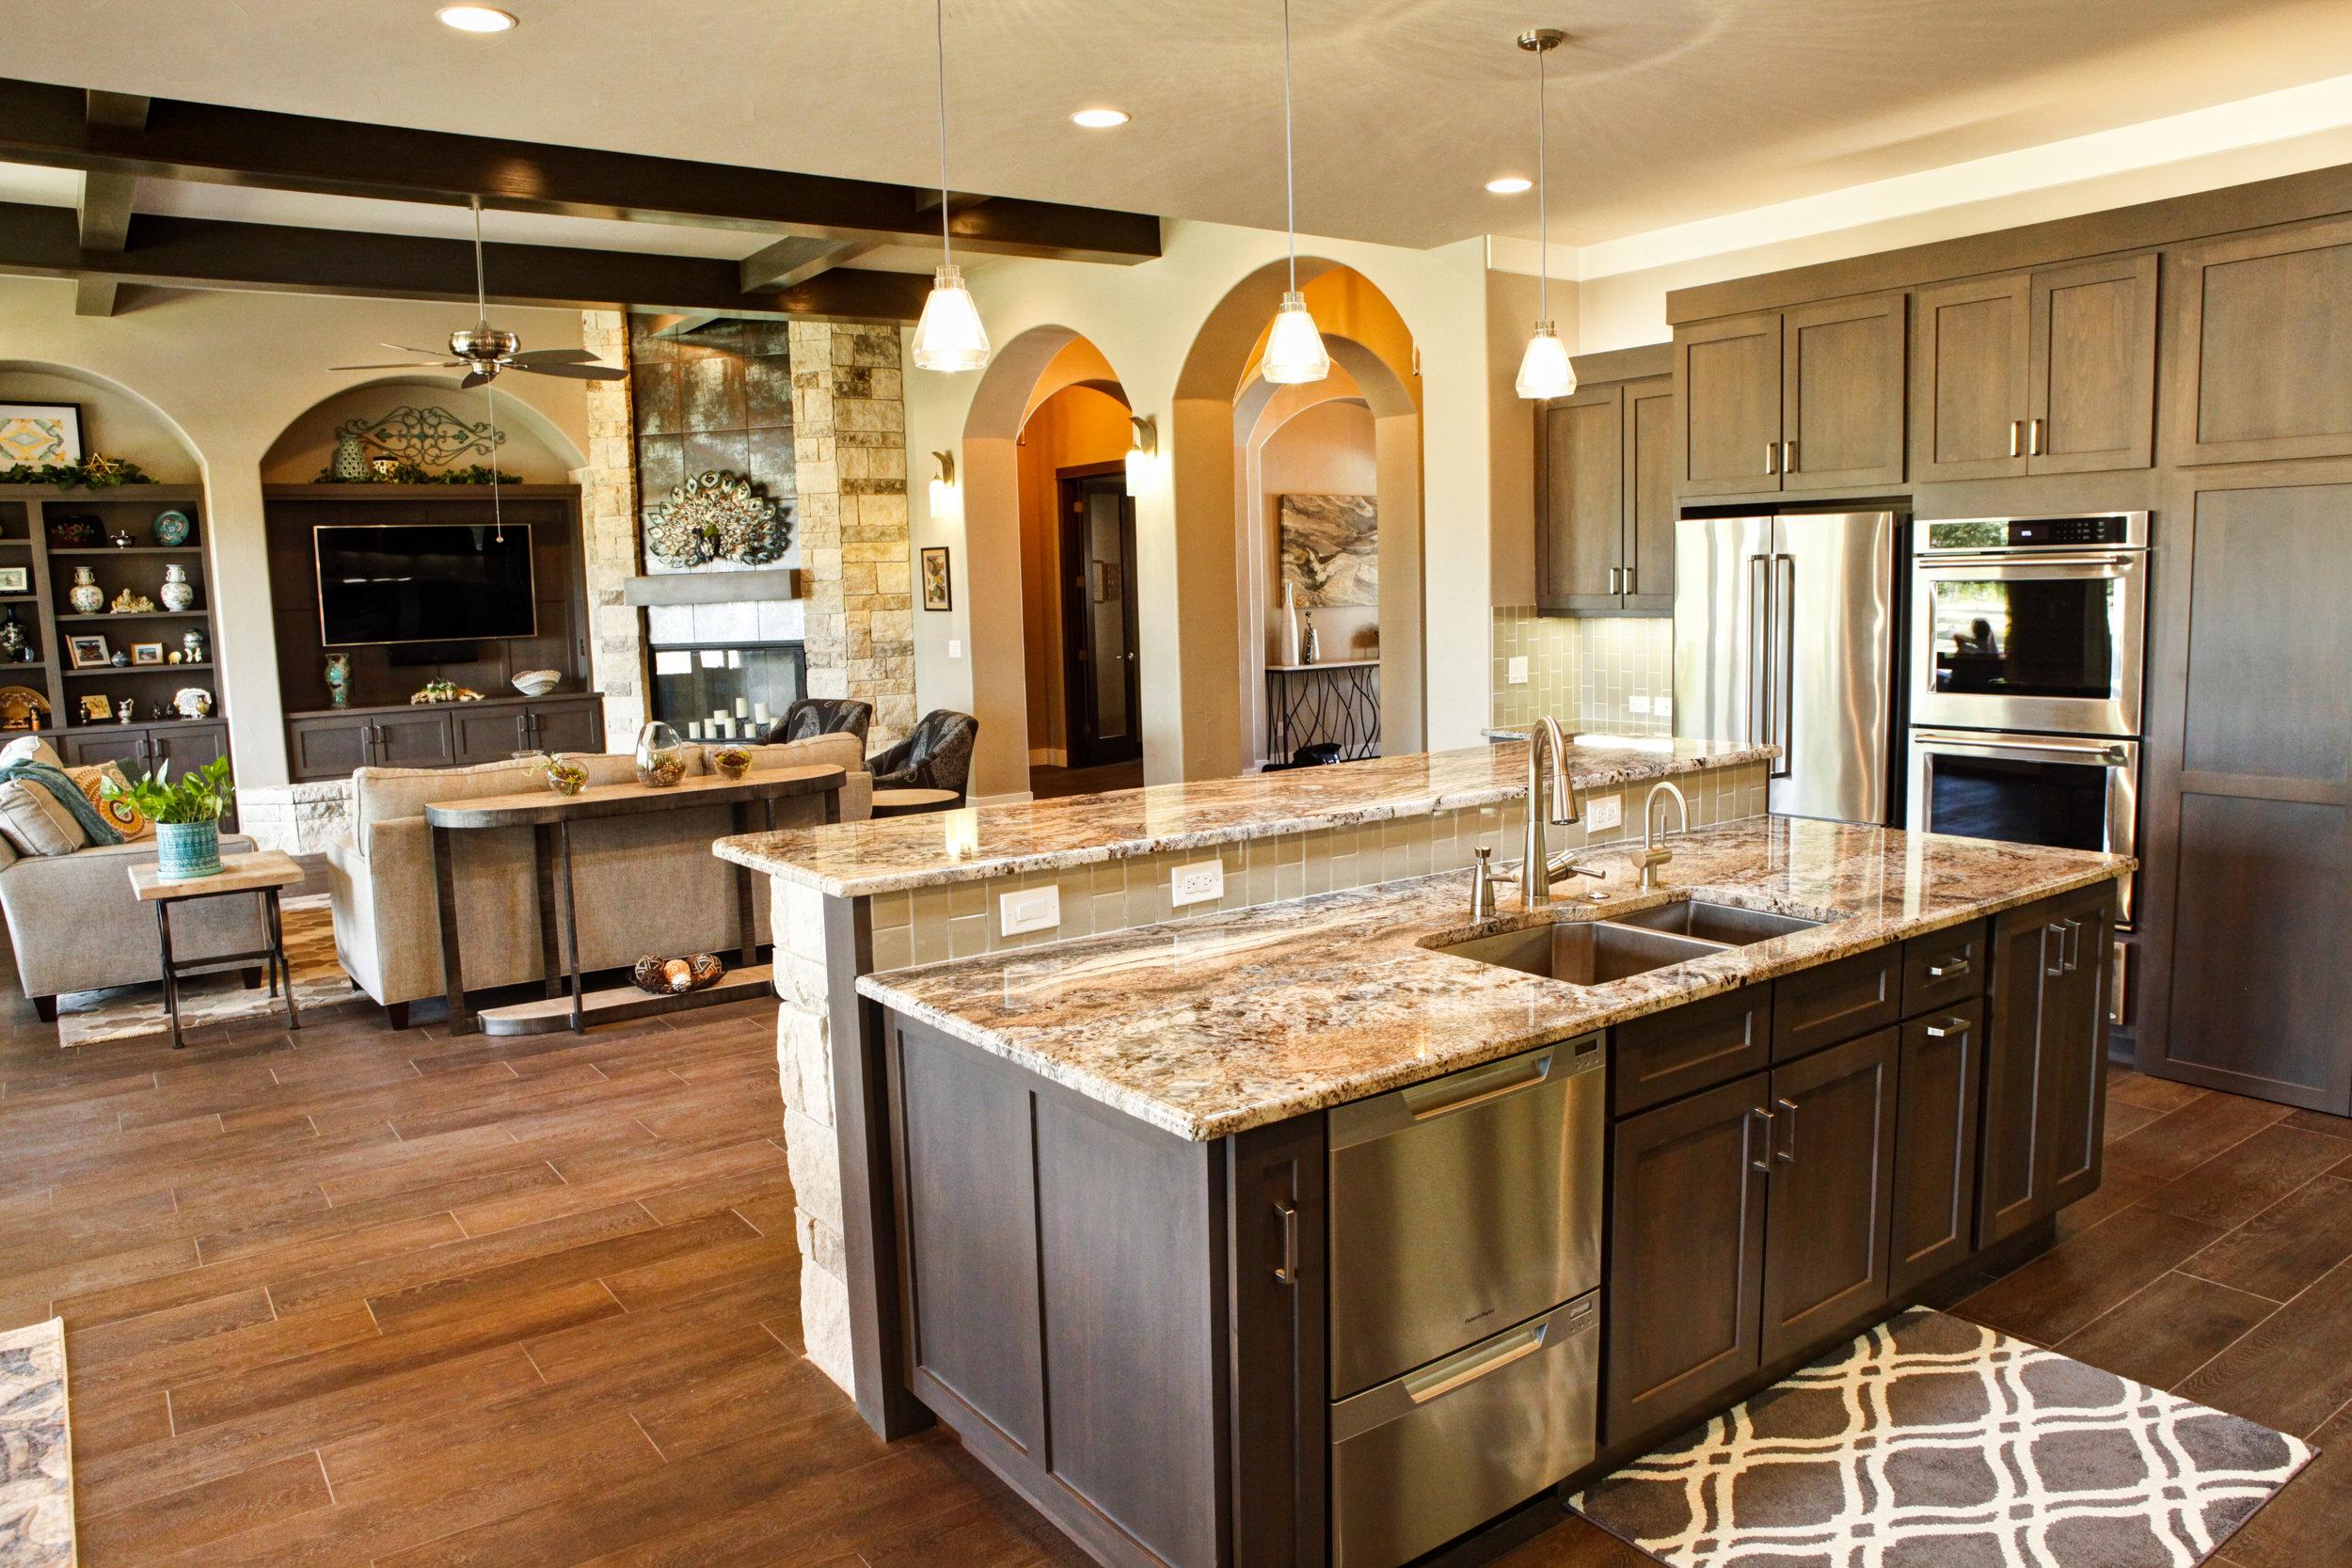 17-kitchen - 4.jpg